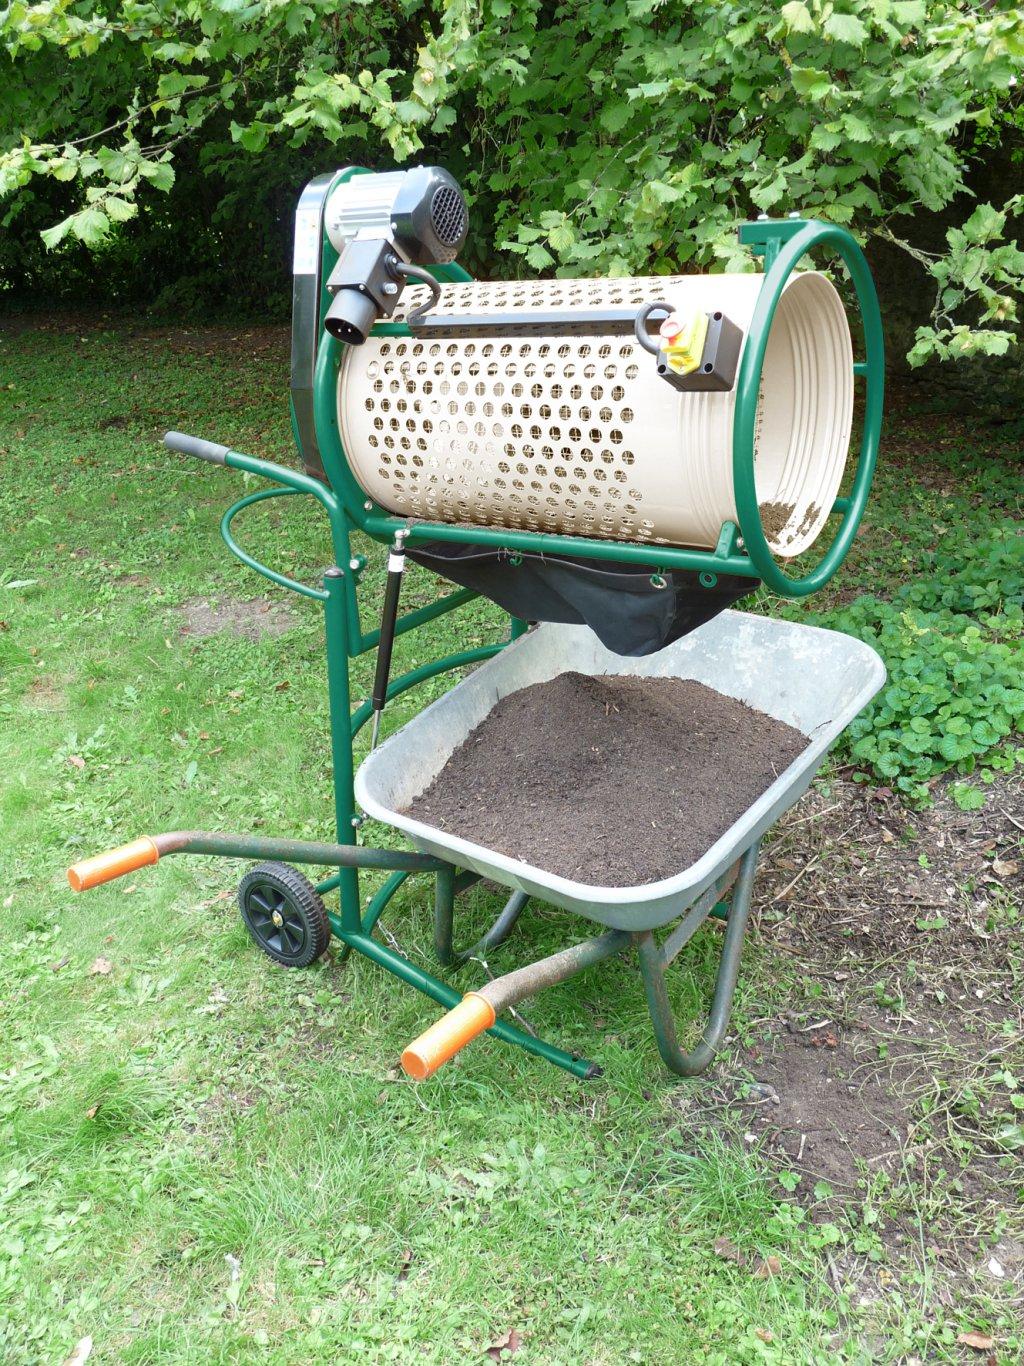 Fartools lance un tamis lectrique rs 375 pour le compostage des mati res organiques zone for Achat de gravier pour jardin